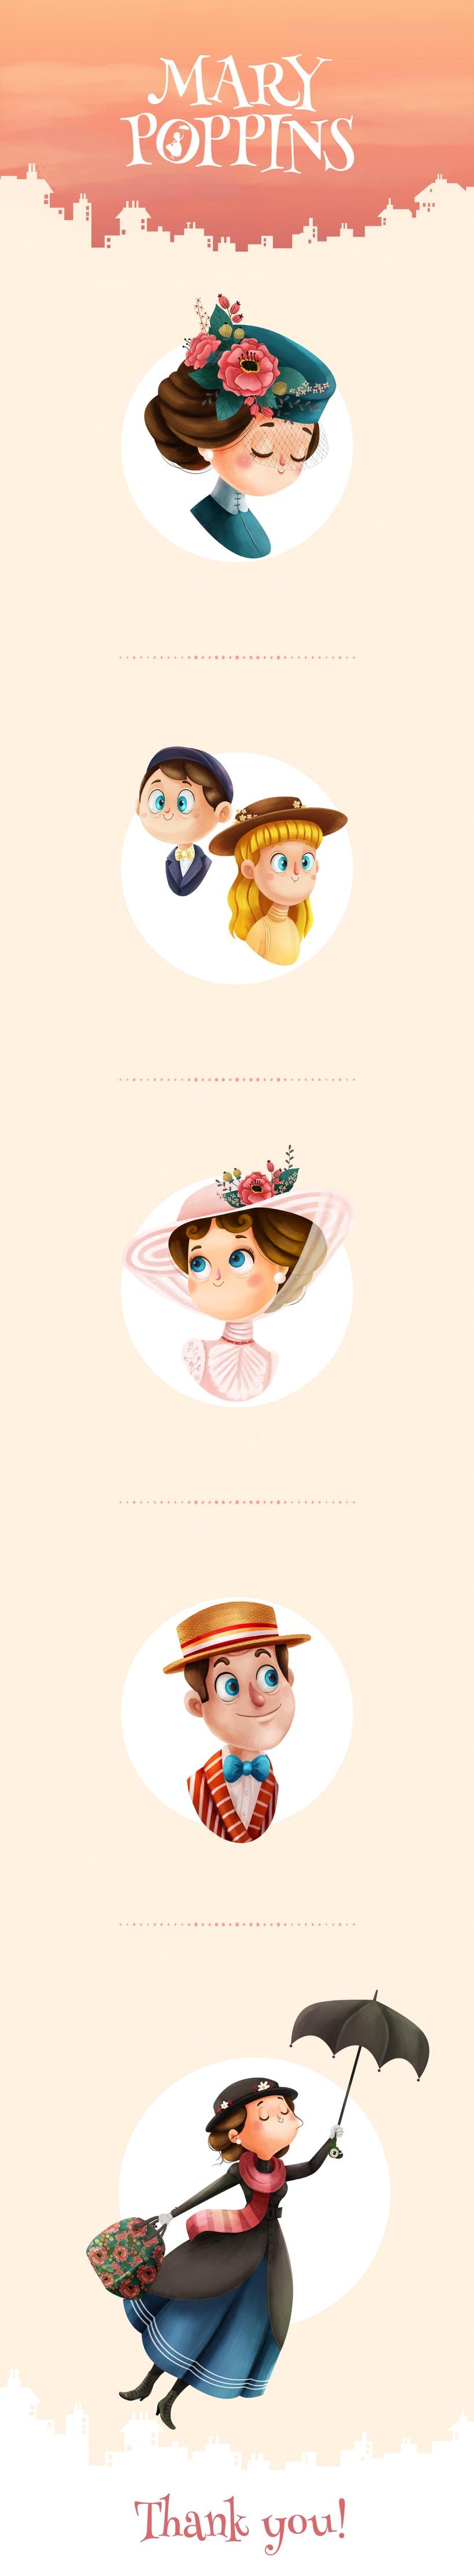 Mary Poppins -1